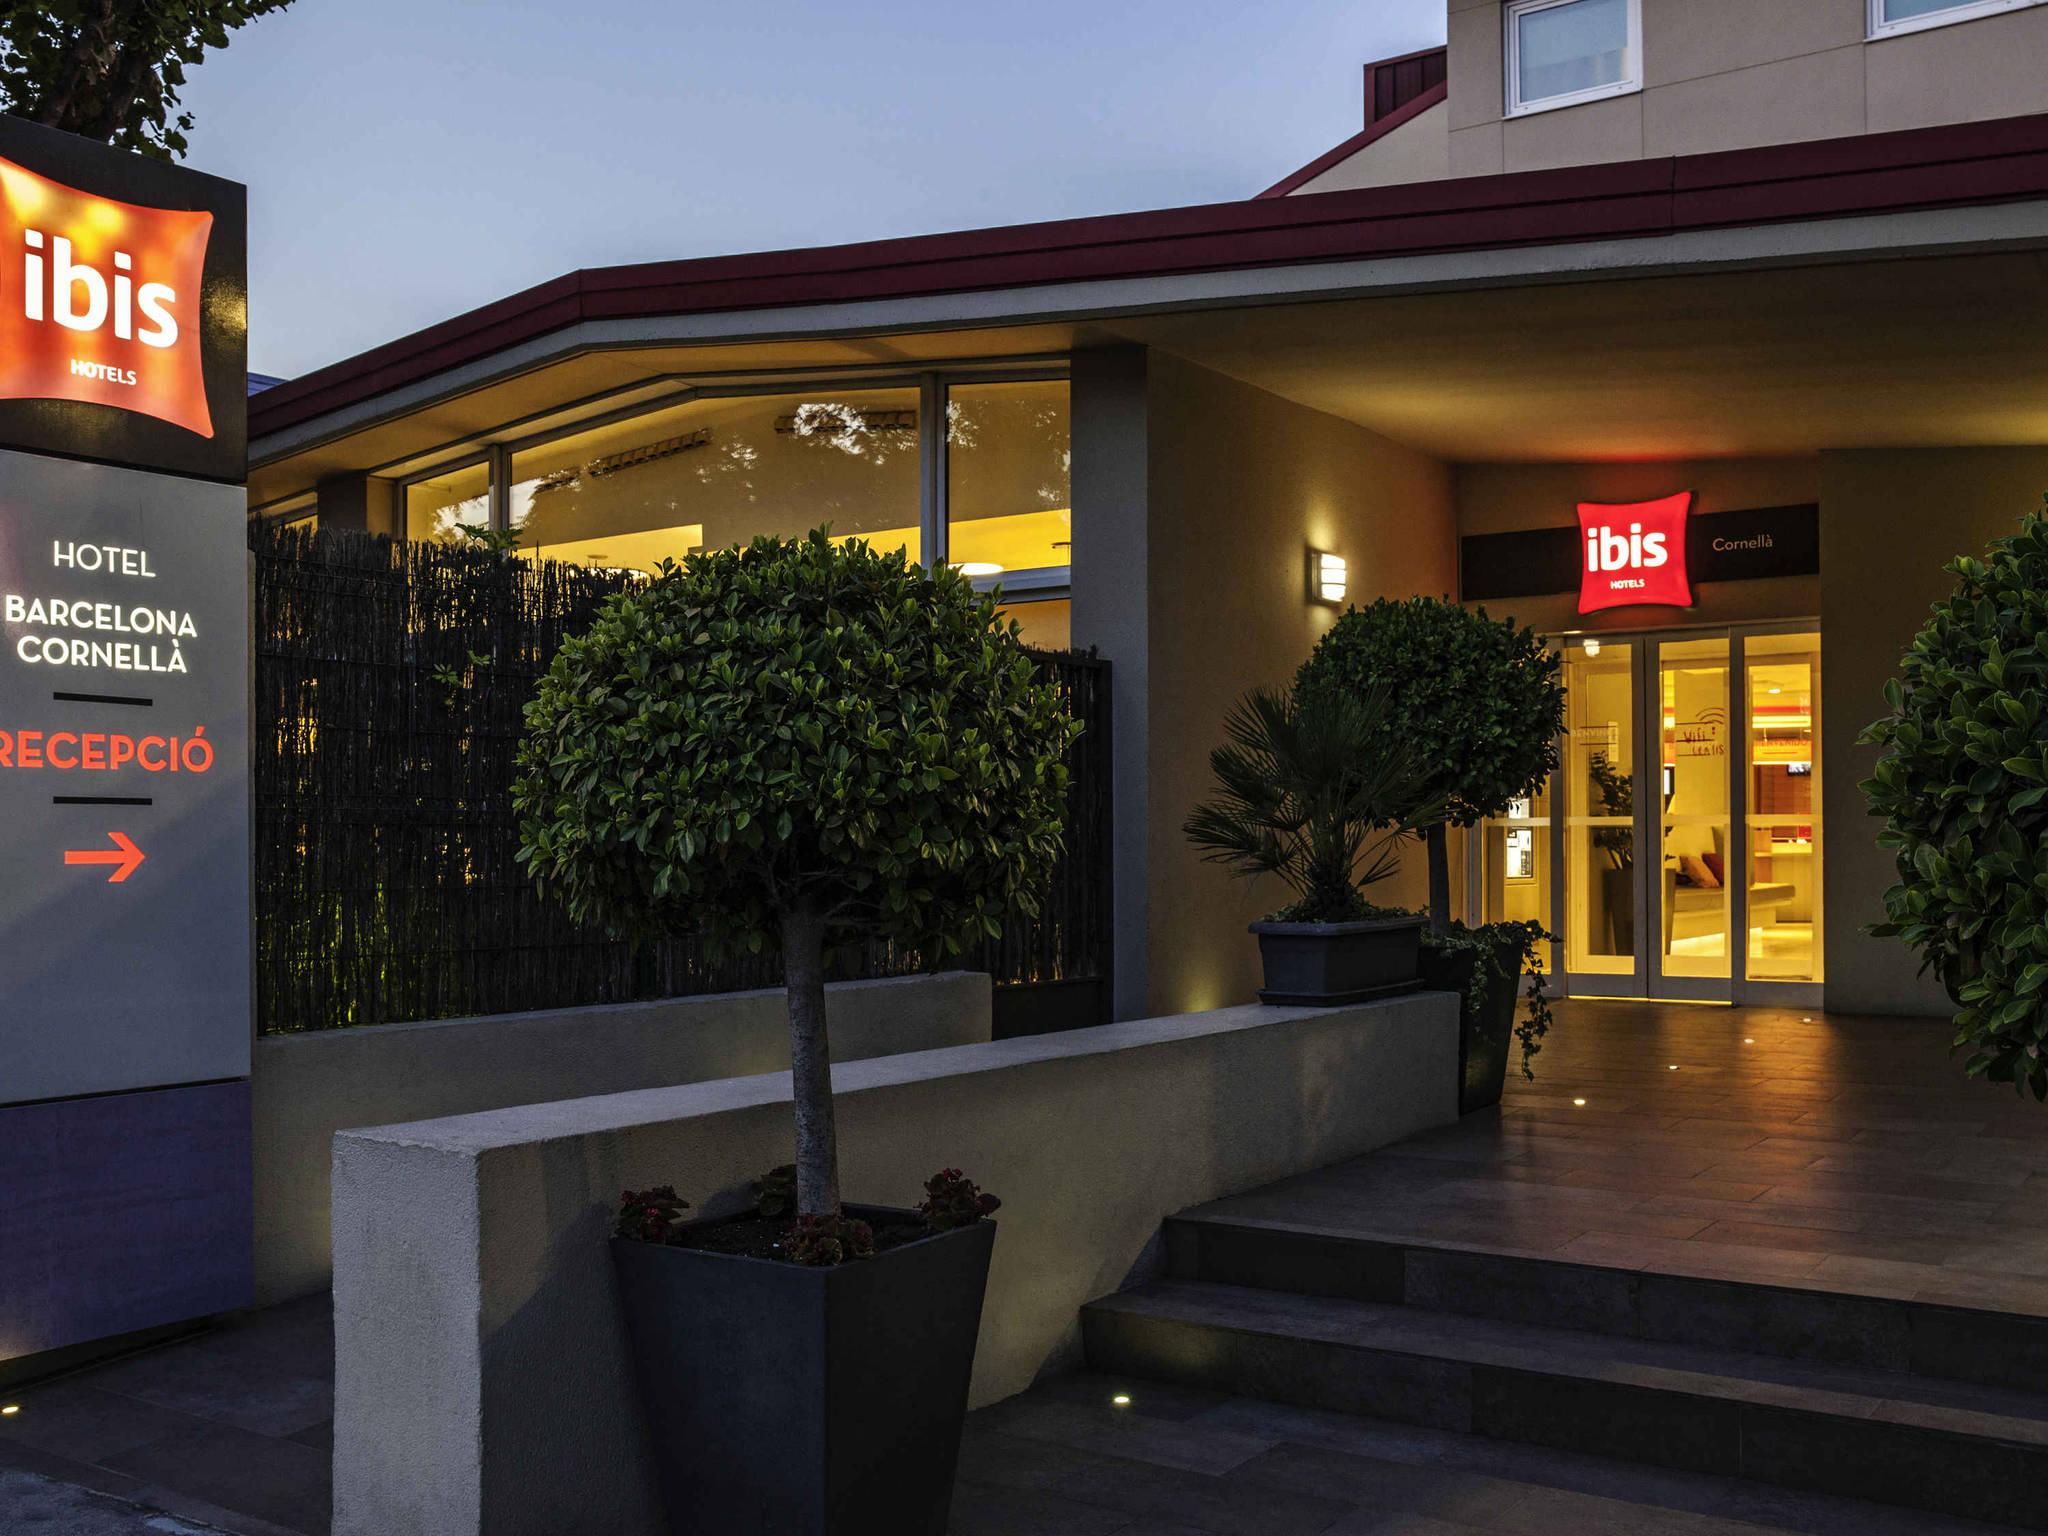 酒店 – 宜必思巴塞罗那科尔内亚酒店